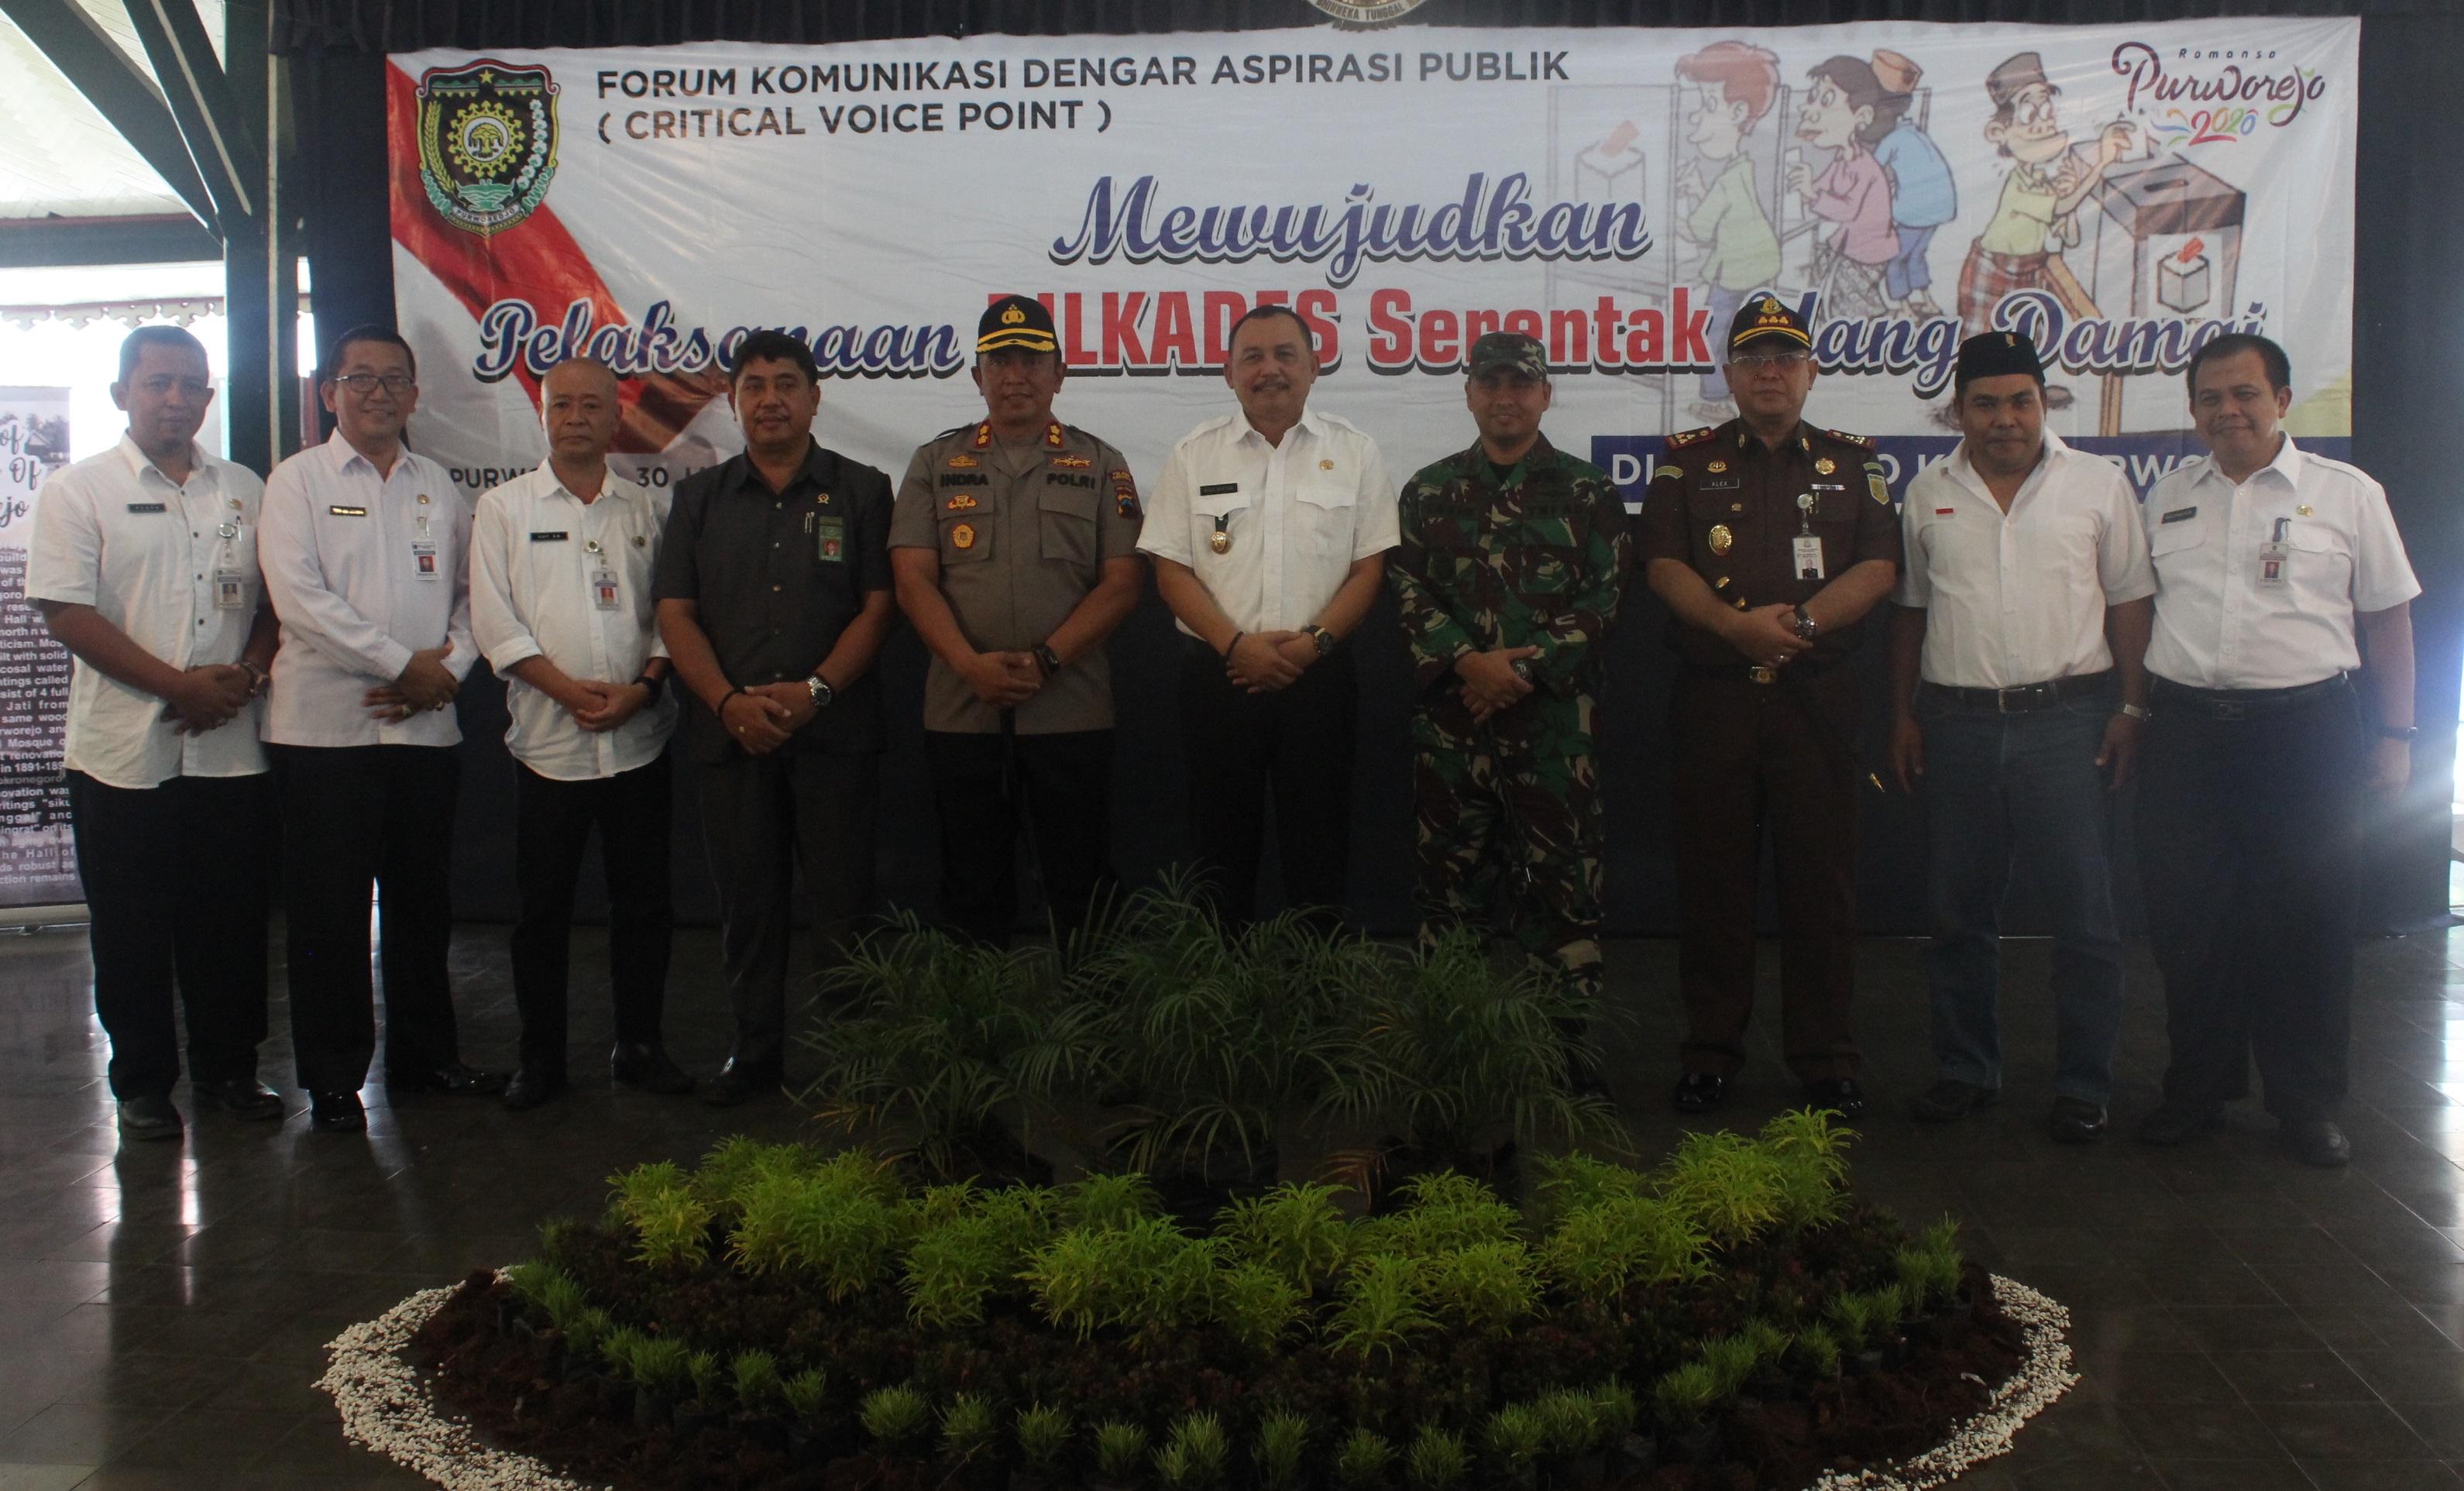 CVP Perdana 2019, Mewujudkan Pelaksanaan Pilkades Serentak Yang Damai